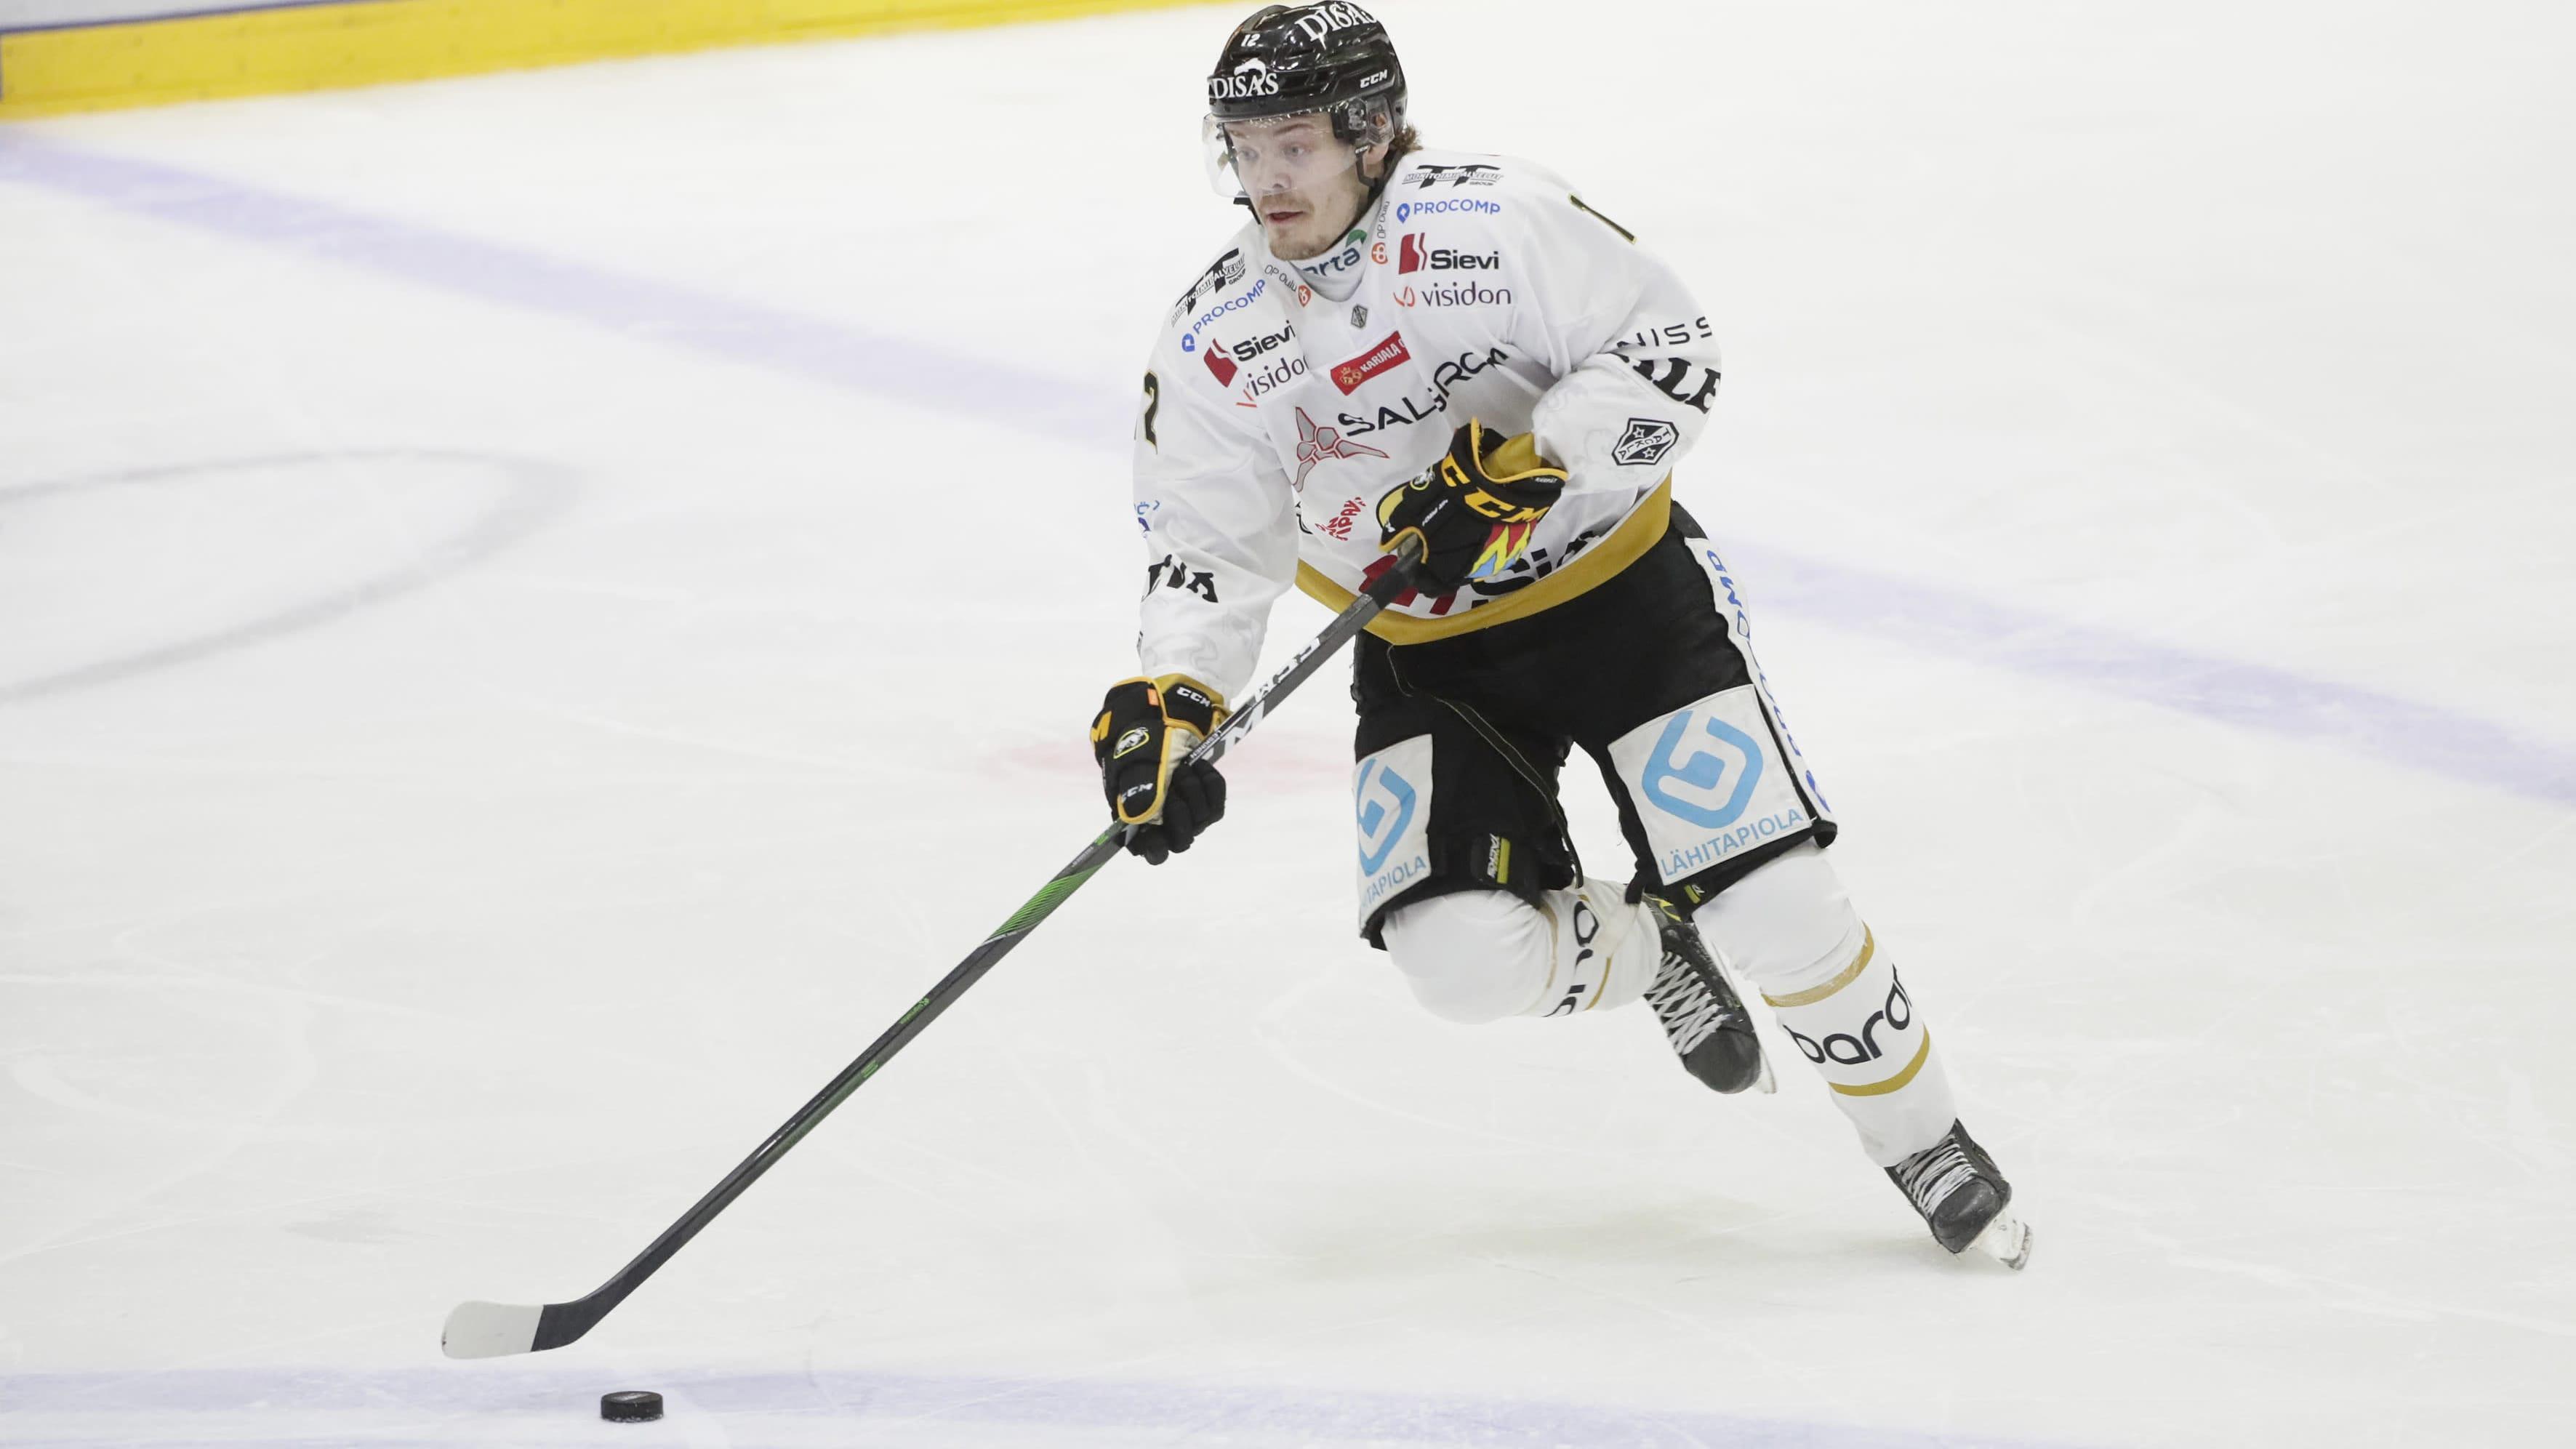 Kärppien Ville Leskinen on SM-liigan pistepörssissä viidentenä tehoin 5+7=12.